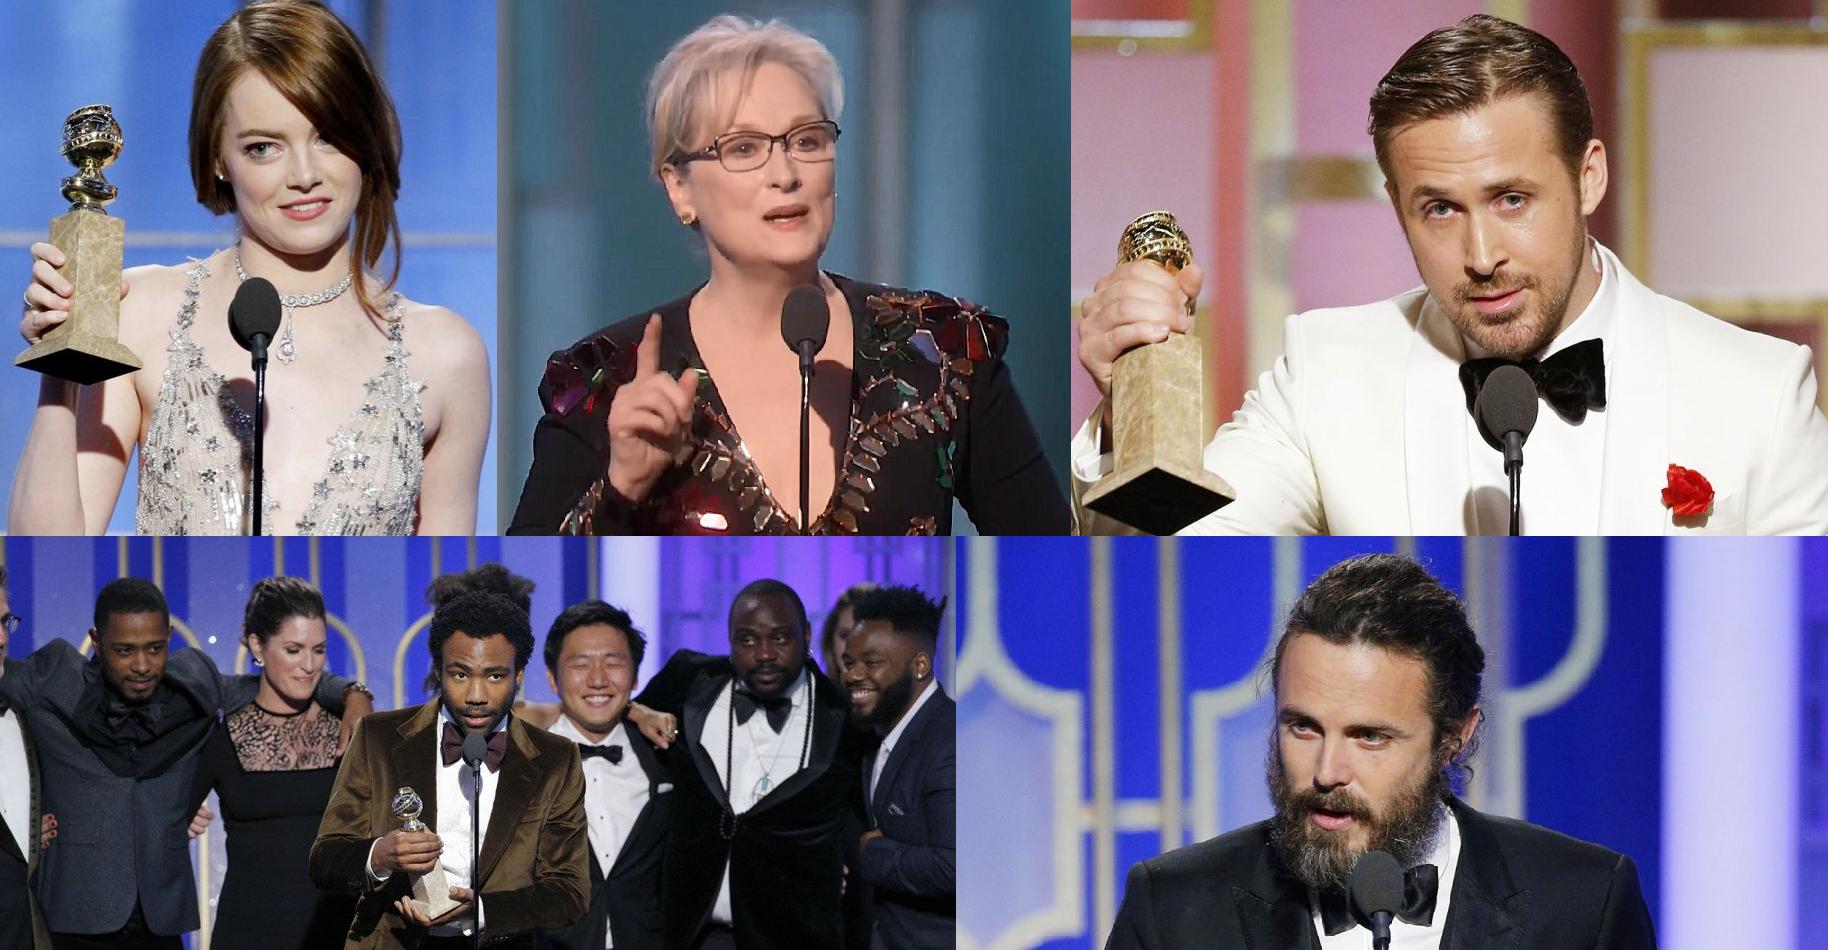 È il musical La La Land di Damien Chazelle il trionfatore della 74a edizione dei Golden Globe,assegnati dalla stampa straniera di Hollywood, con ben 7 premi. La notte dei Golden […]